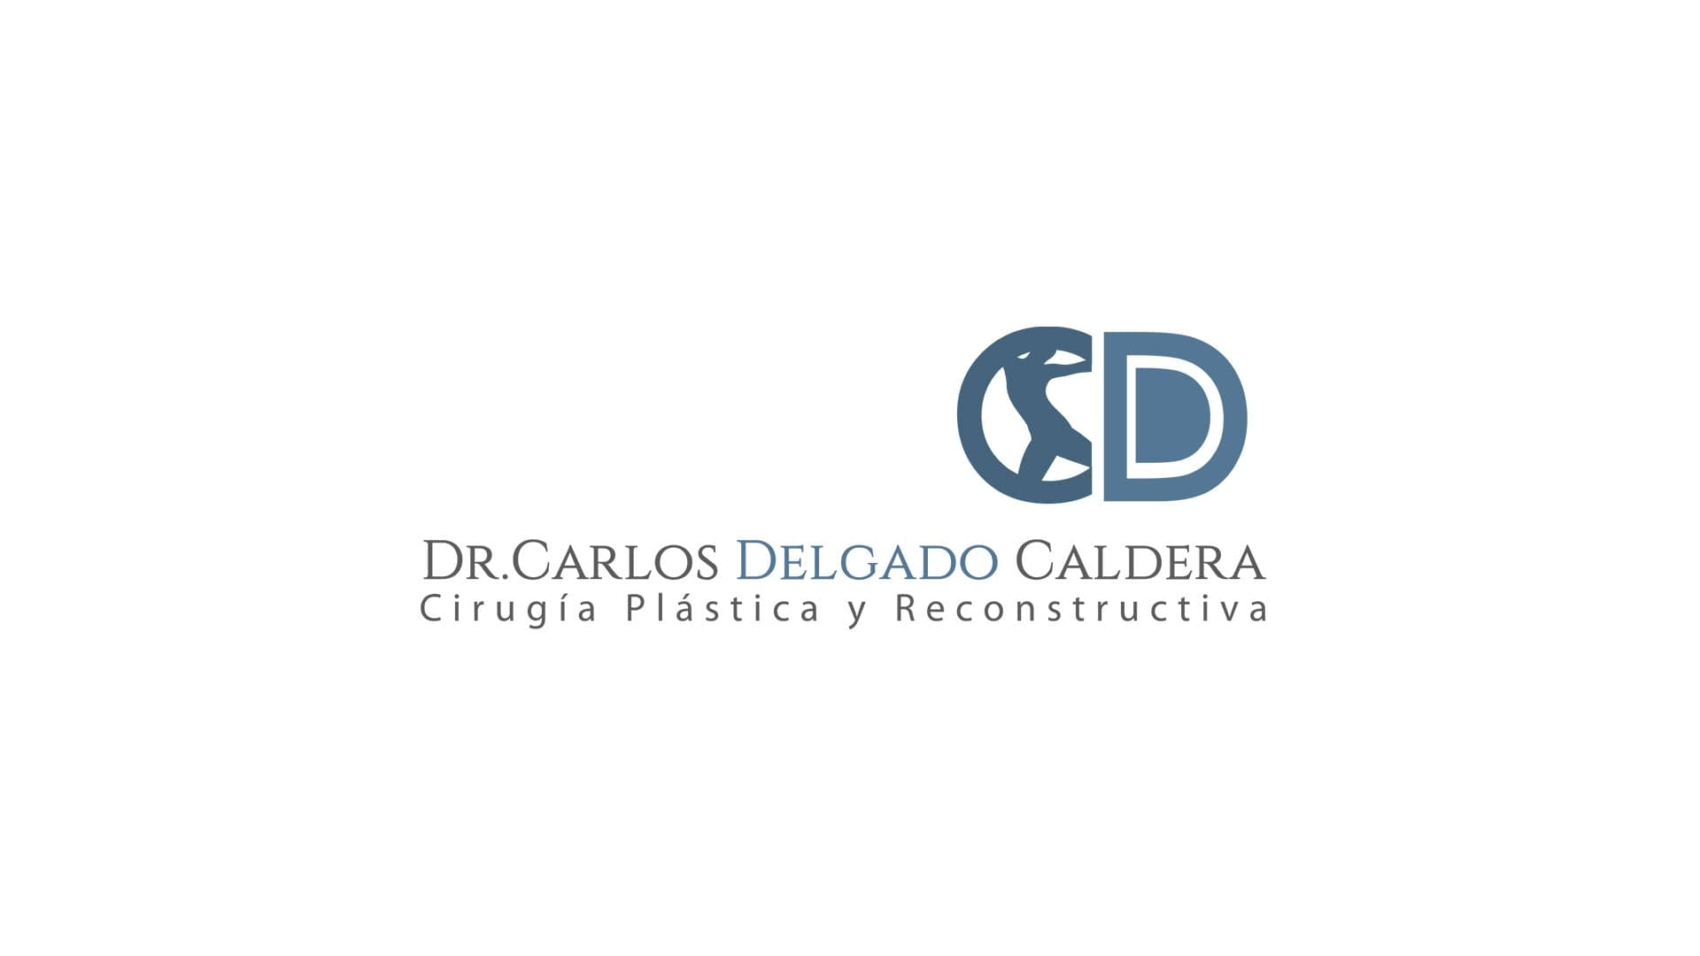 Dr-carlos-delgado